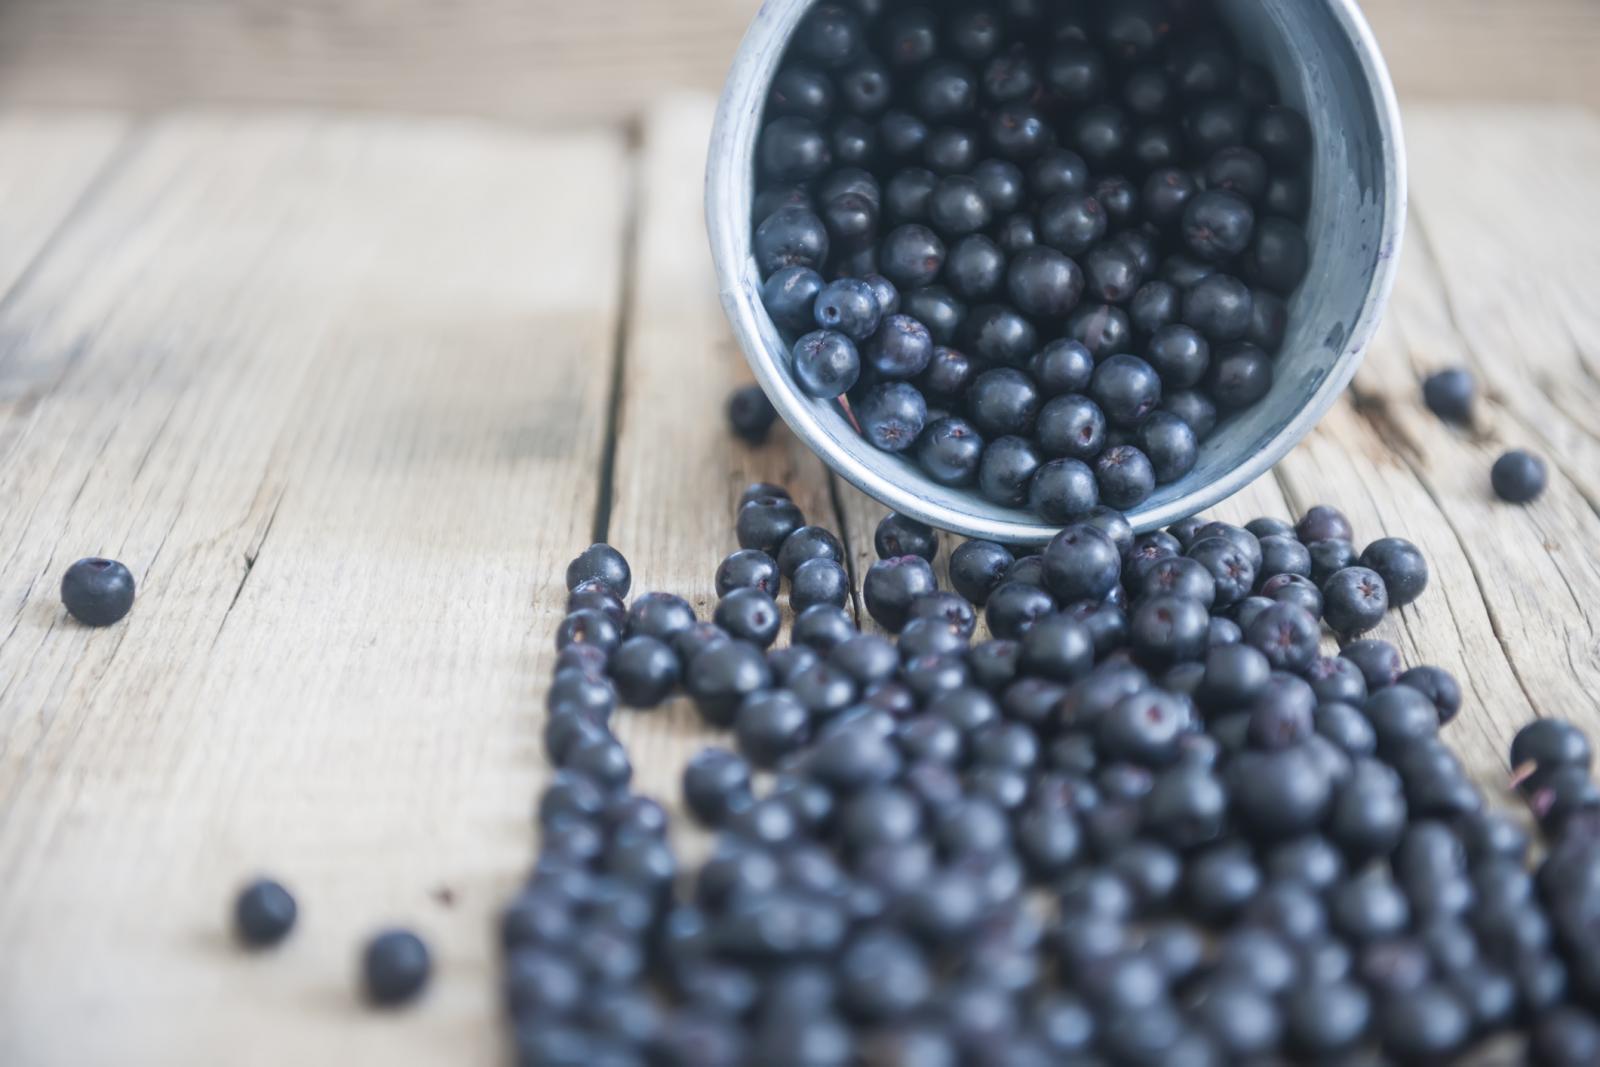 Laksativnog je djelovanja pa konzumiranje suhe aronije pomaže redovitoj stolici i detoksikaciji organizma.